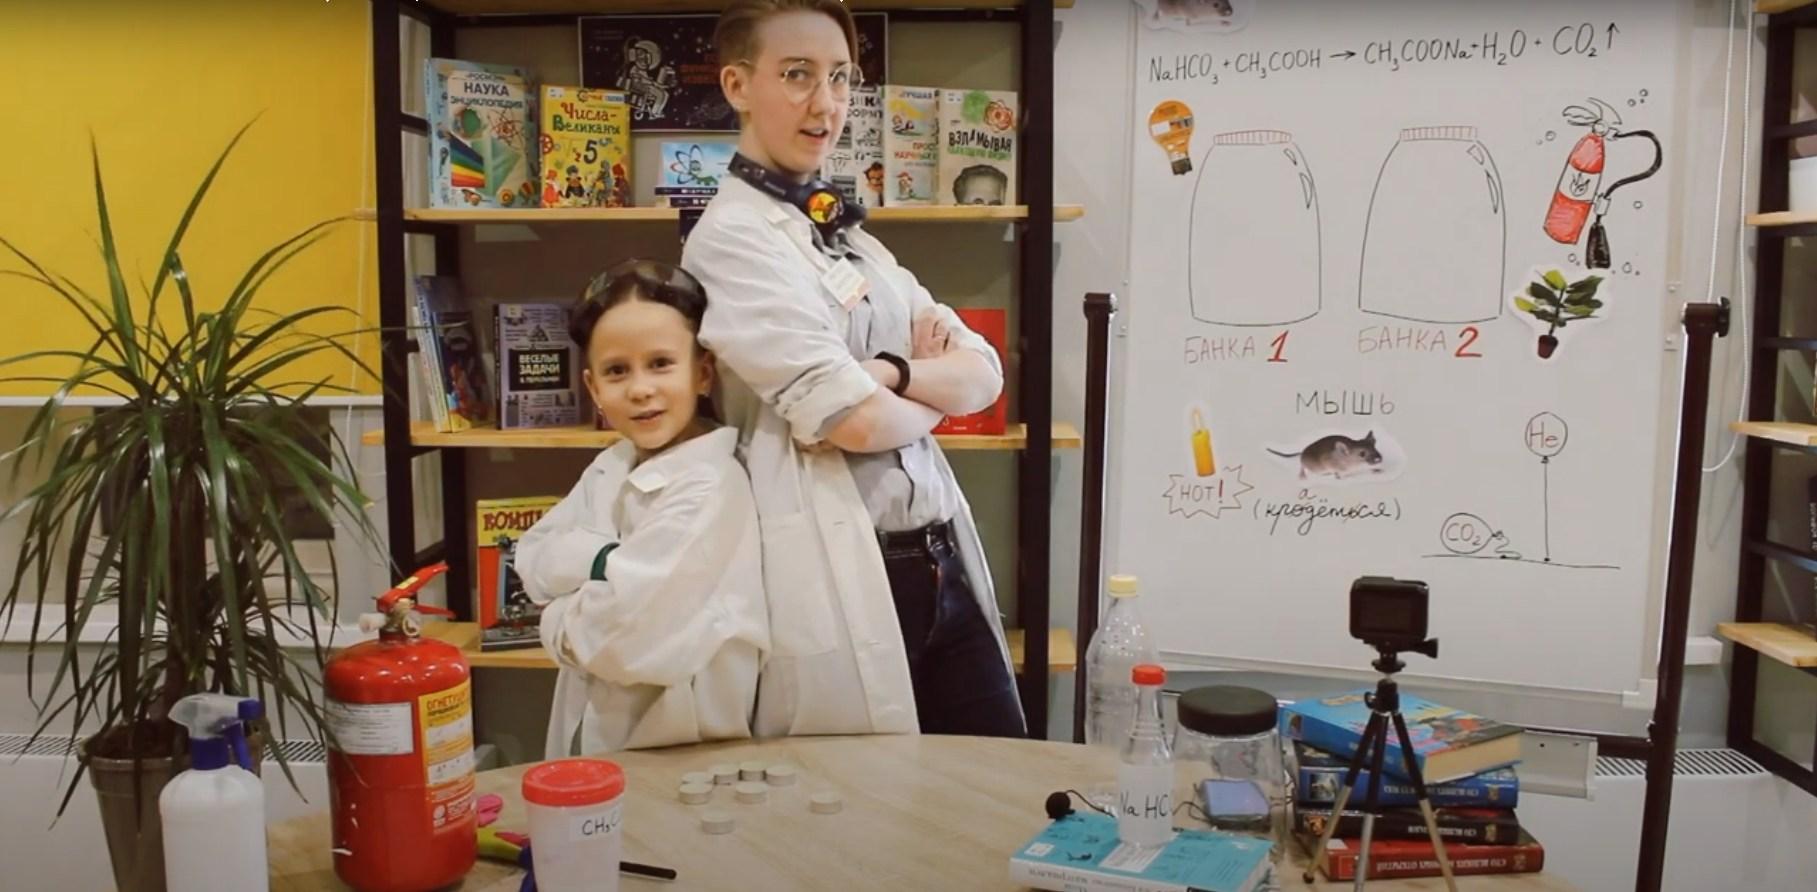 Малая наука, большая наука